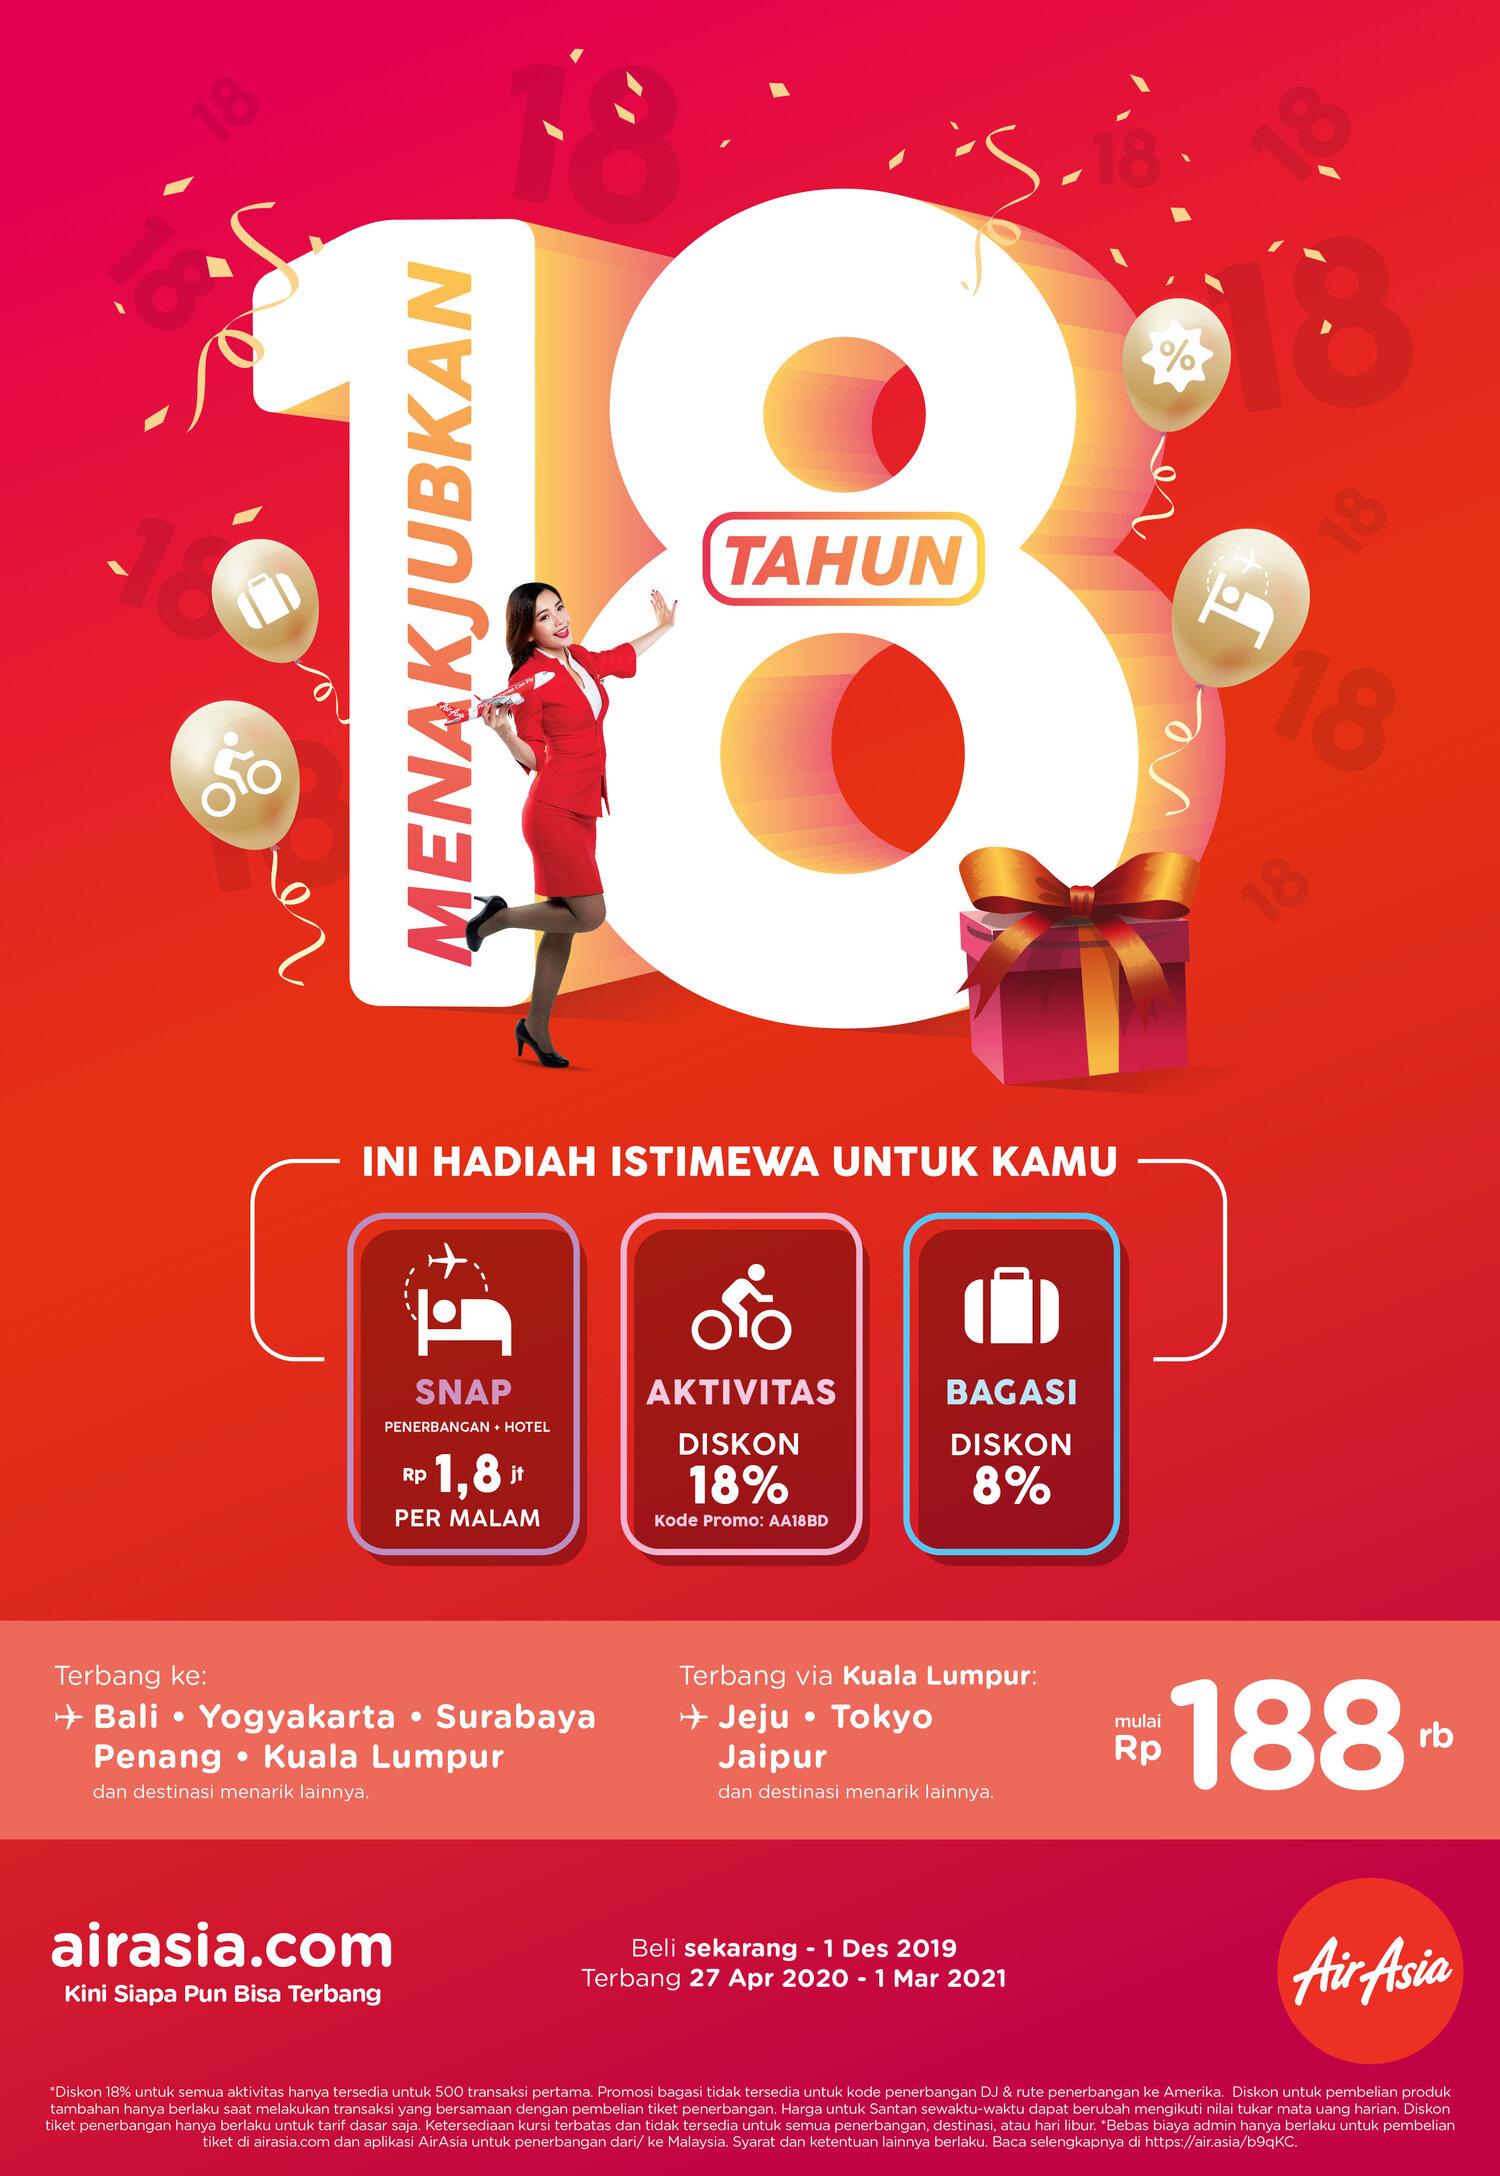 Airasia Peringati 18 Tahun Mengudara Dengan Promo Hemat Mulai Rp188 000 Airasia Newsroom